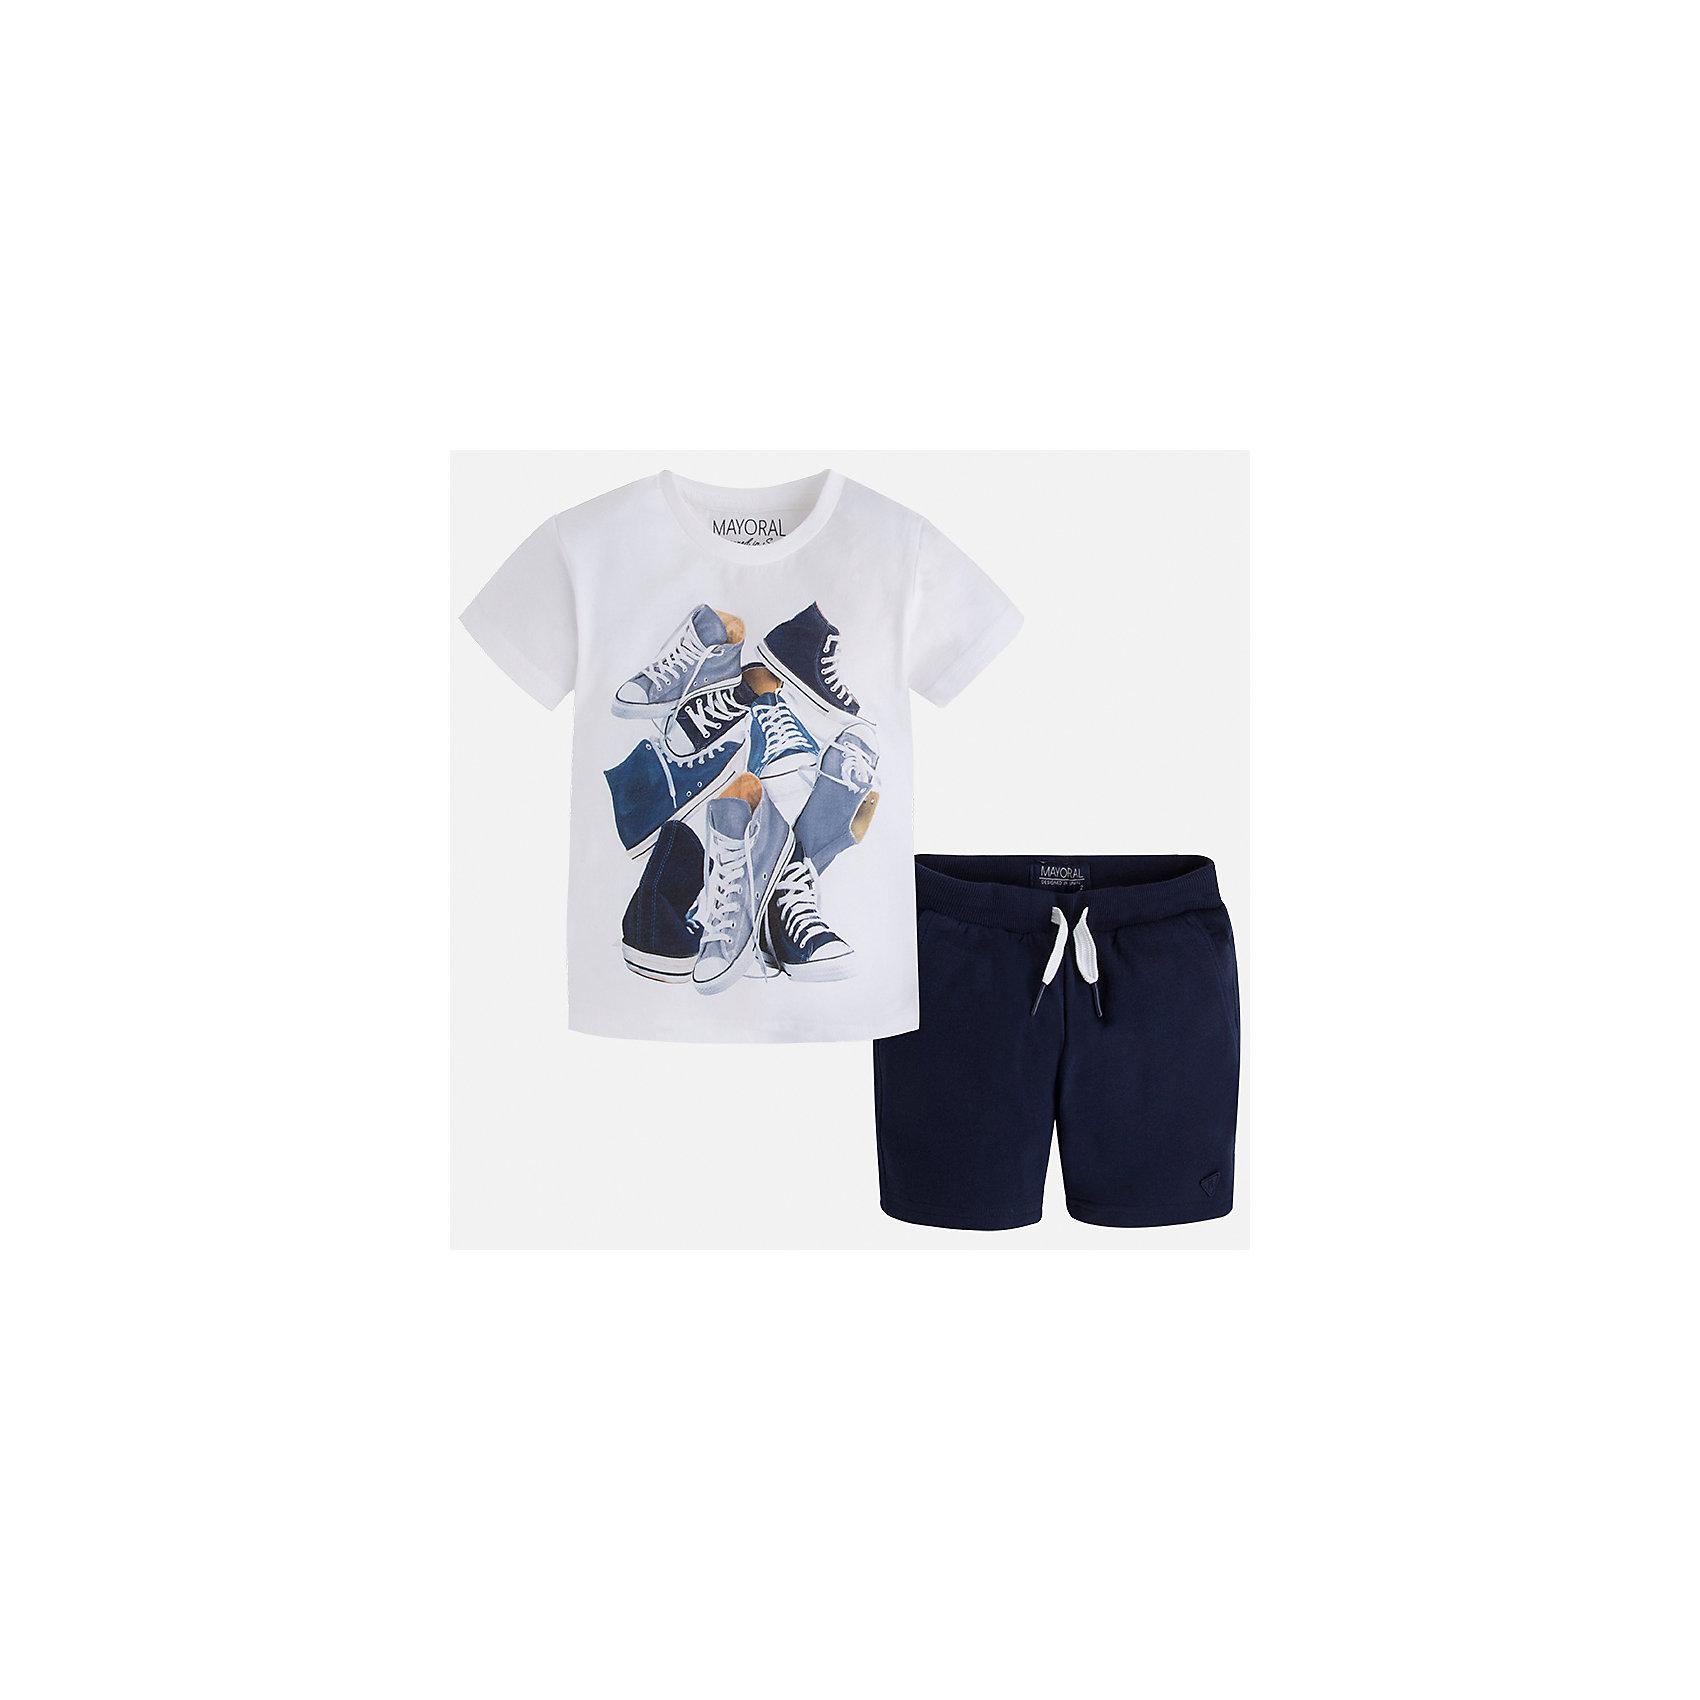 Комплект: футболка и шорты для мальчика MayoralХарактеристики товара:<br><br>• цвет: белый/синий<br>• состав: футболка - 100% хлопок, шорты - 60% хлопок, 40% полиэстер<br>• комплектация: шорты, футболка<br>• круглый горловой вырез<br>• декорирована принтом<br>• короткие рукава<br>• шорты - пояс со шнурком<br>• страна бренда: Испания<br><br>Стильная удобная футболка с принтом и шорты помогут разнообразить гардероб мальчика и удобно одеться. Универсальный цвет позволяет подобрать к вещам верхнюю одежду практически любой расцветки. Интересная отделка модели делает её нарядной и оригинальной. В составе материала - только натуральный хлопок, гипоаллергенный, приятный на ощупь, дышащий.<br><br>Одежда, обувь и аксессуары от испанского бренда Mayoral полюбились детям и взрослым по всему миру. Модели этой марки - стильные и удобные. Для их производства используются только безопасные, качественные материалы и фурнитура. Порадуйте ребенка модными и красивыми вещами от Mayoral! <br><br>Комплект для мальчика от испанского бренда Mayoral (Майорал) можно купить в нашем интернет-магазине.<br><br>Ширина мм: 215<br>Глубина мм: 88<br>Высота мм: 191<br>Вес г: 336<br>Цвет: белый<br>Возраст от месяцев: 18<br>Возраст до месяцев: 24<br>Пол: Мужской<br>Возраст: Детский<br>Размер: 92,134,128,122,116,110,104,98<br>SKU: 5281000